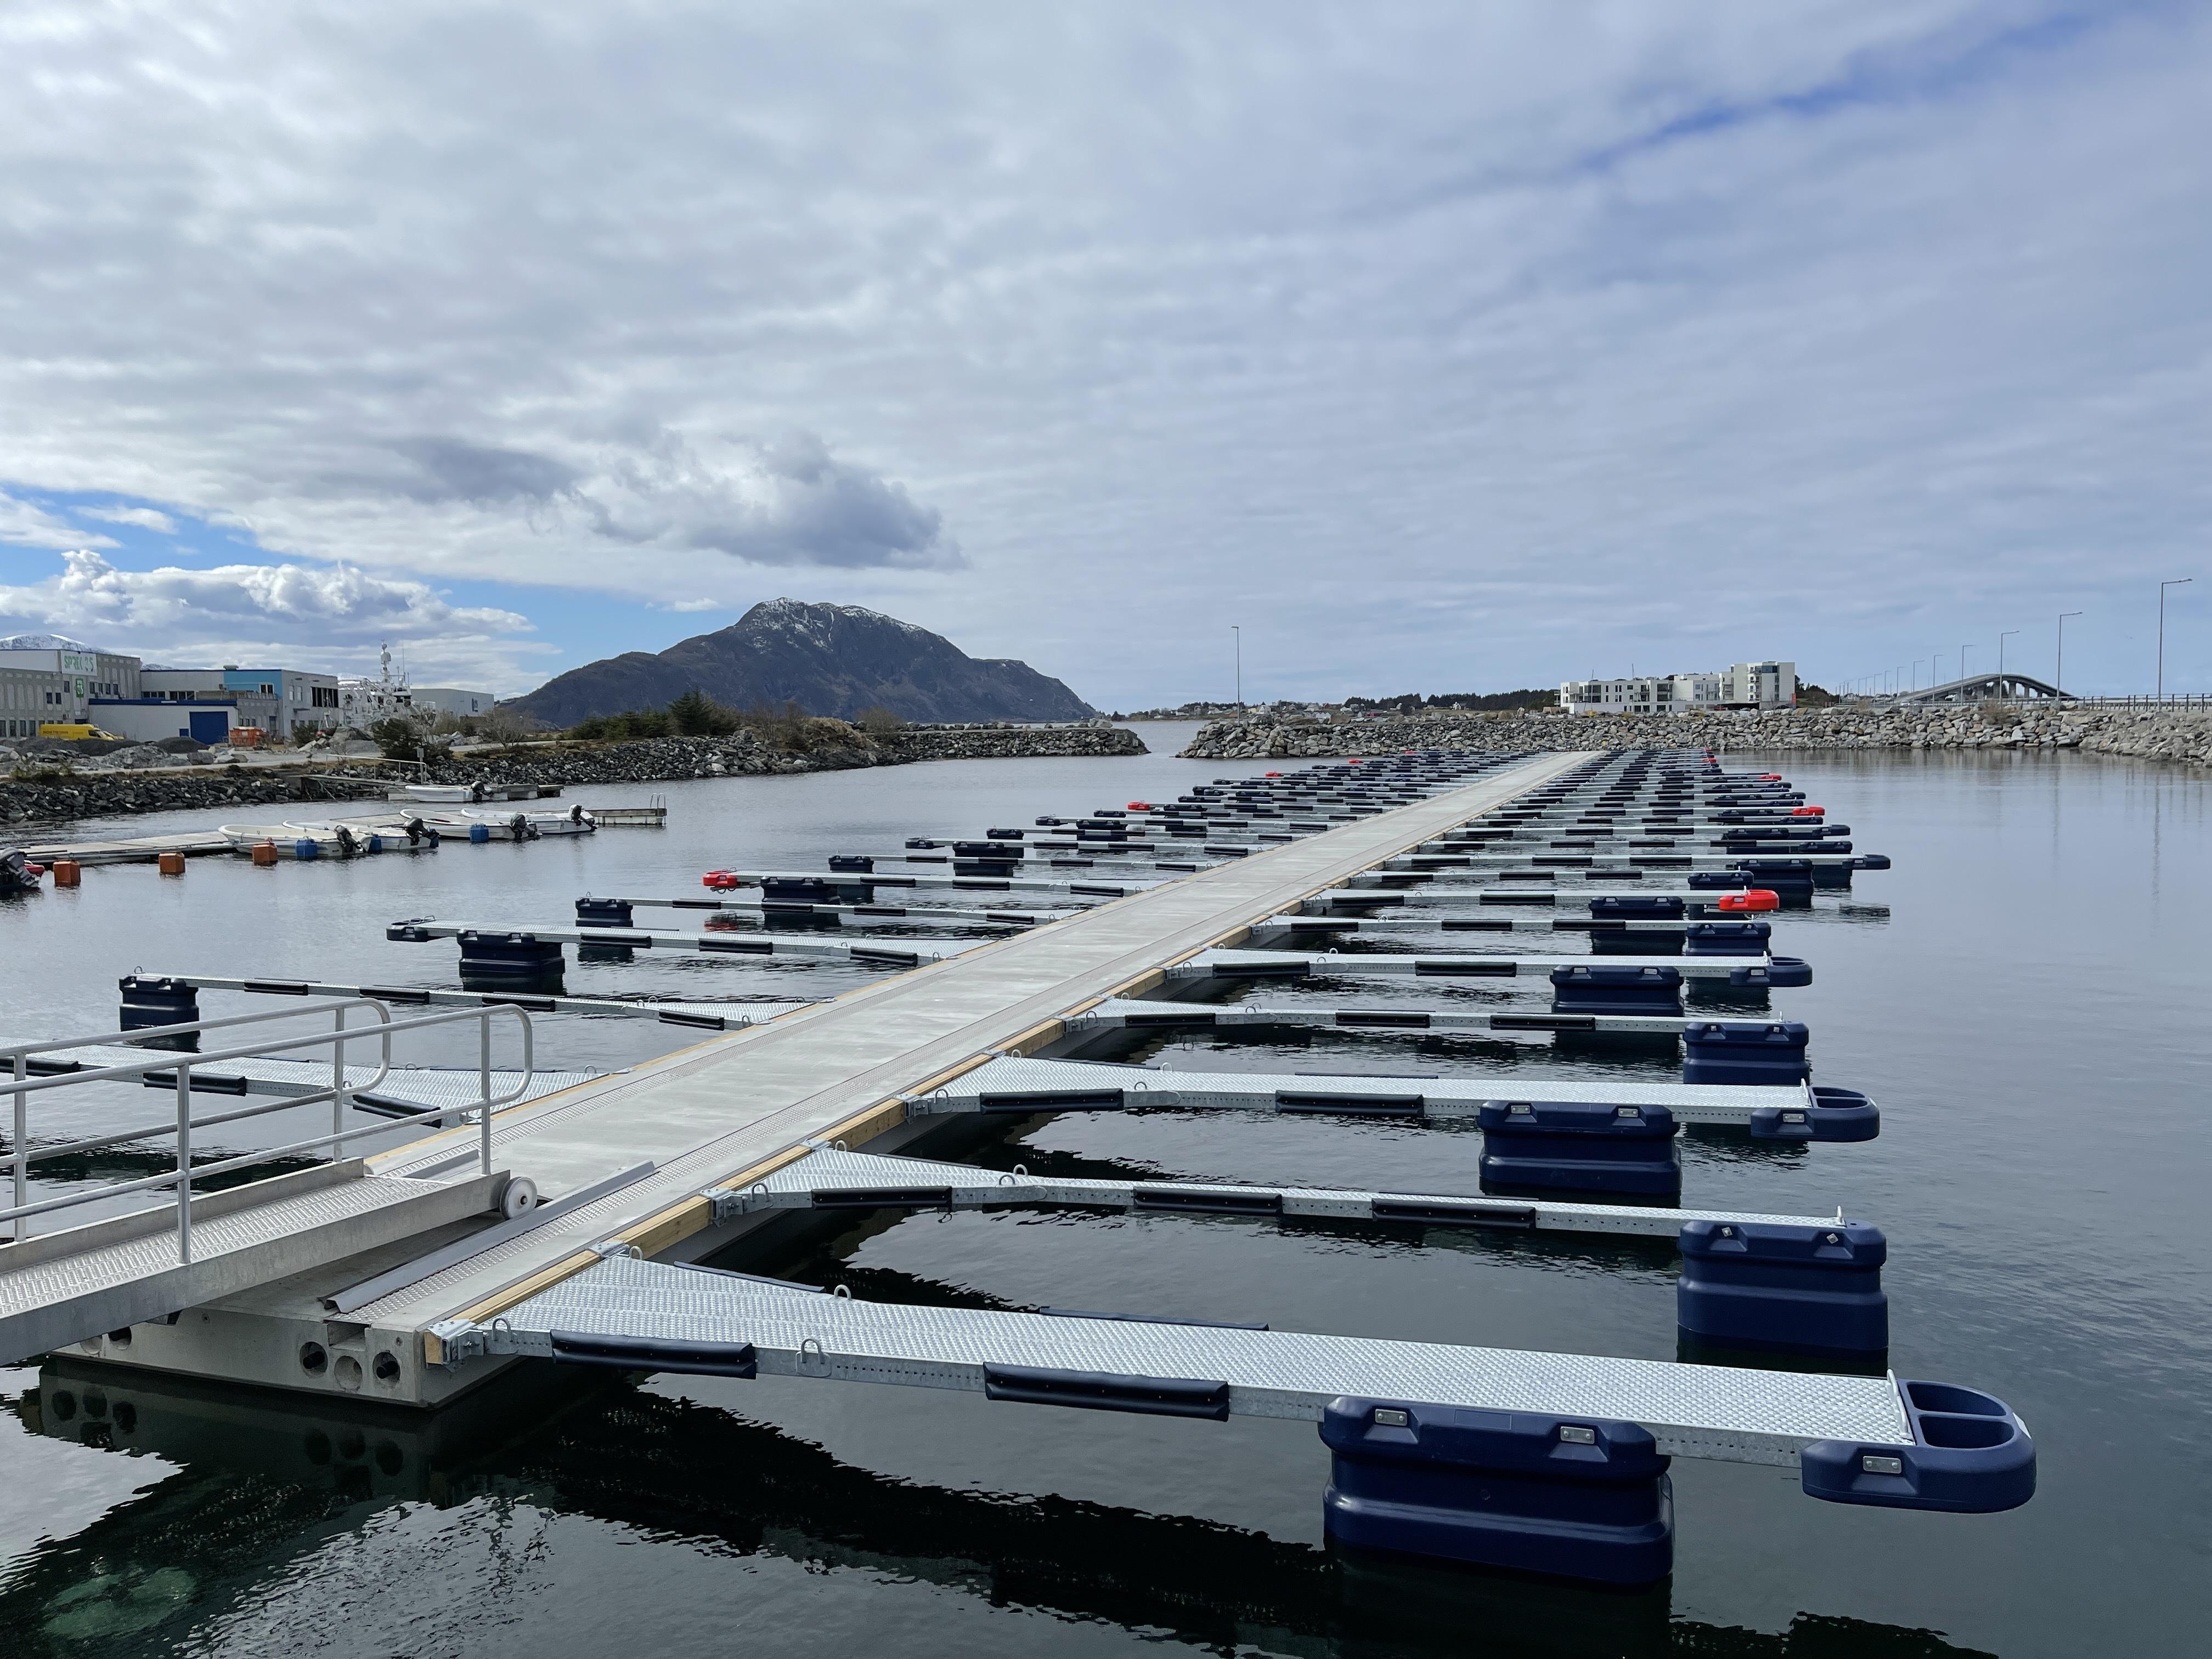 https://marinasolutions.no/uploads/Ytterland-småbåtforening_Valderøy_Marina-Solutions-AS-1.JPG